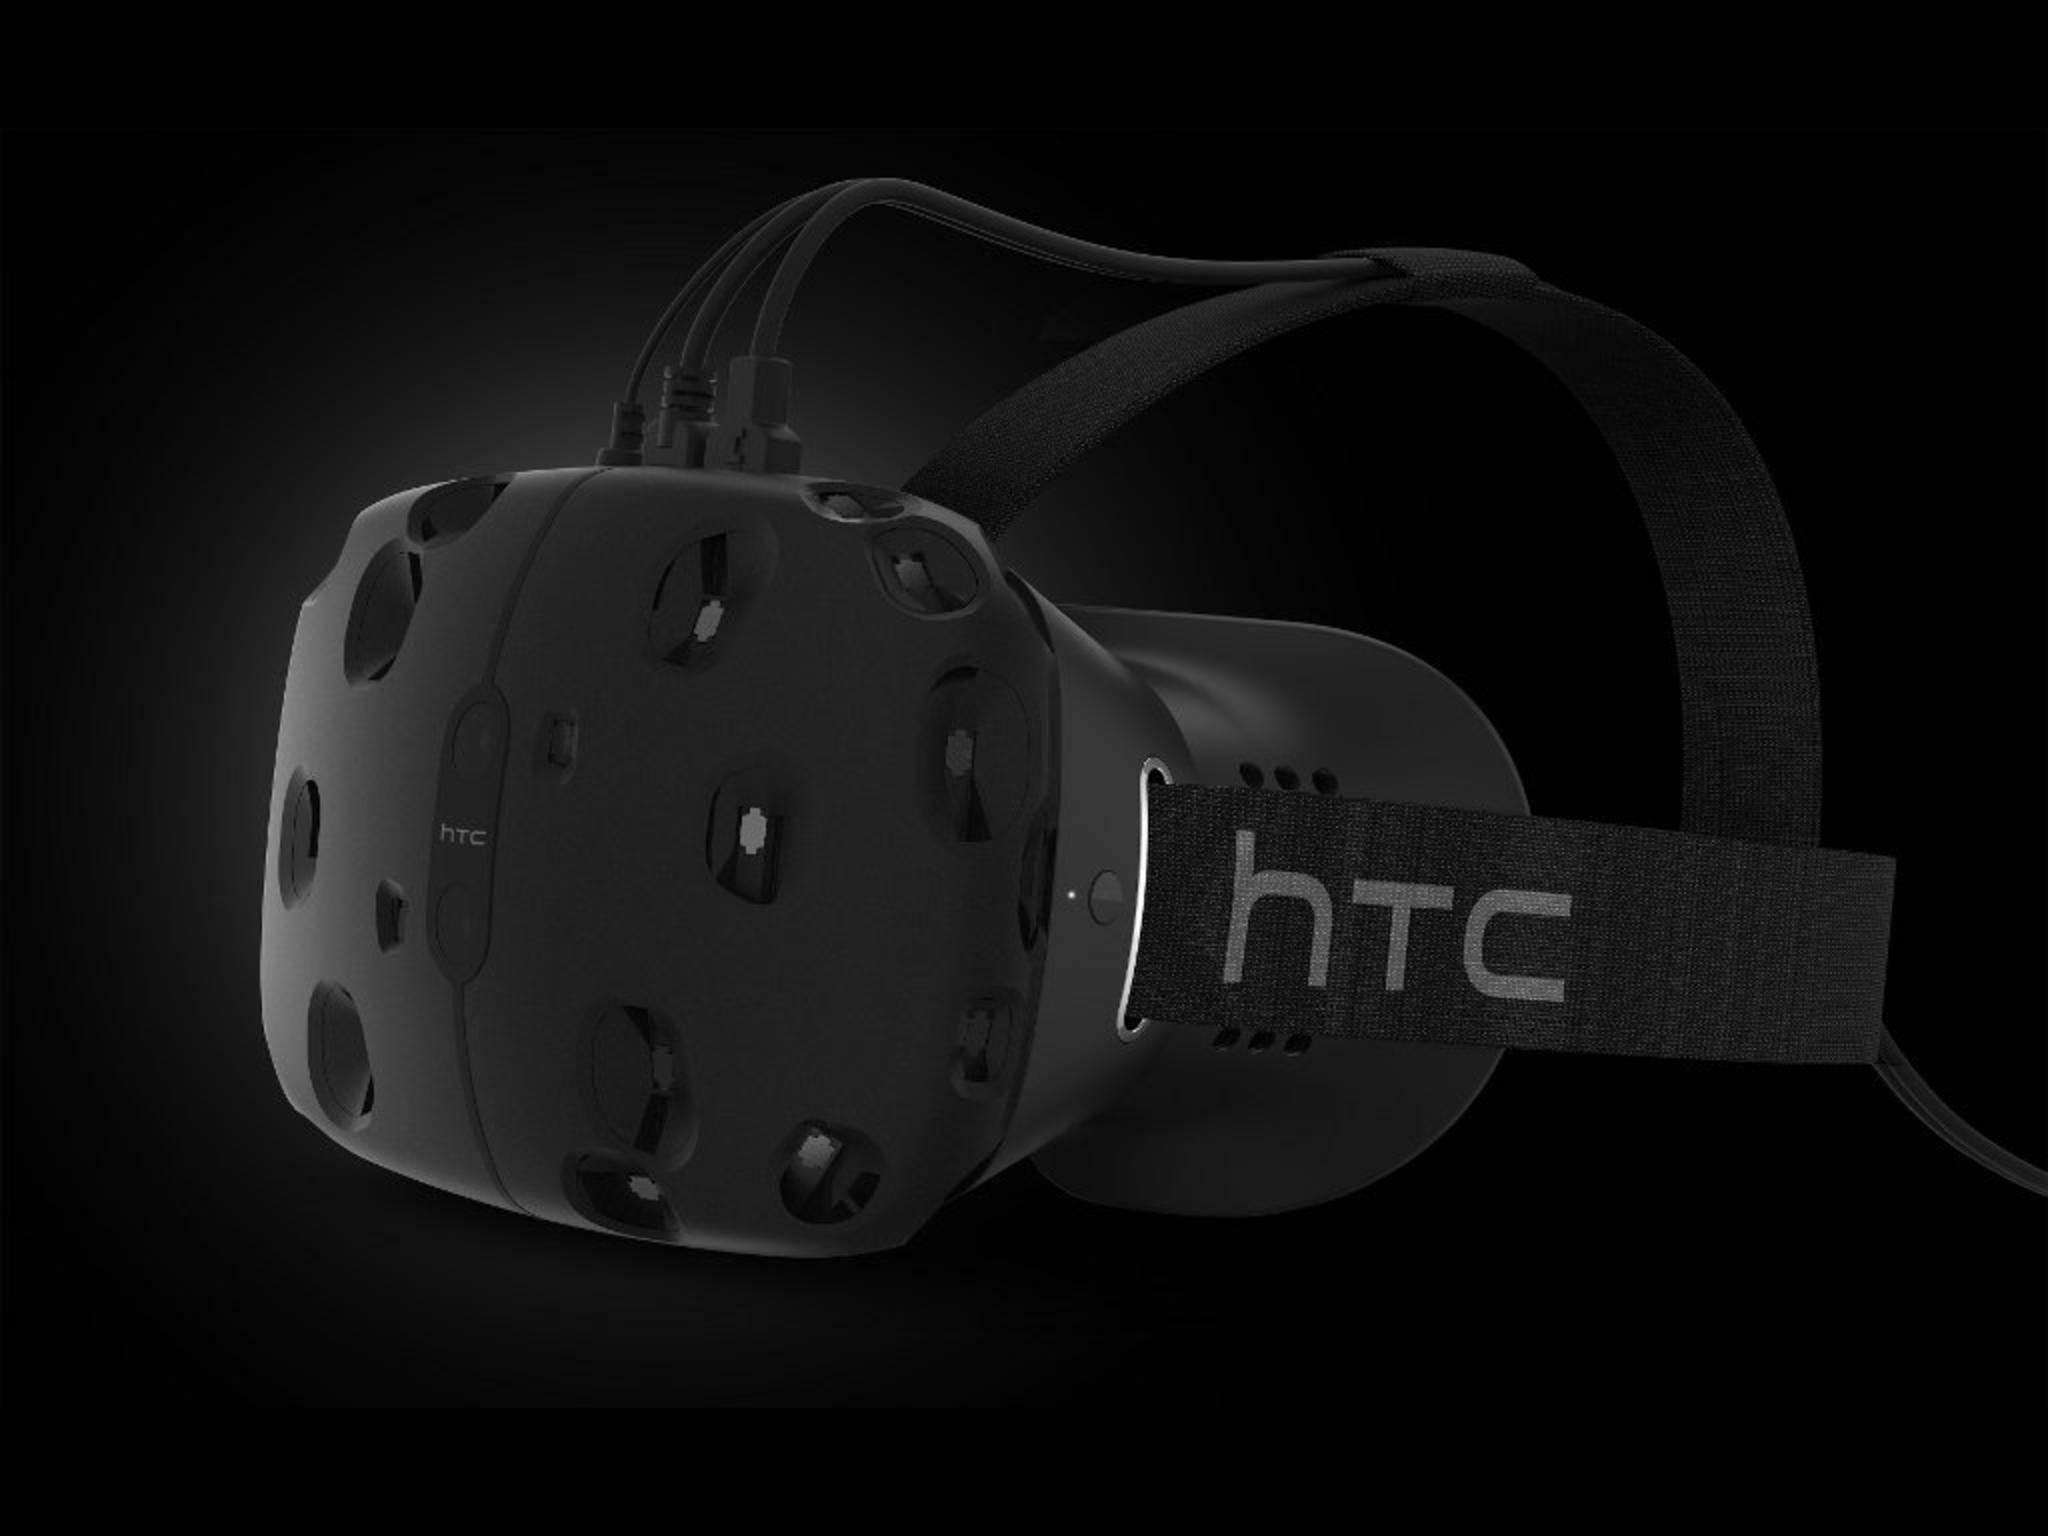 Der große Konkurrent von Oculus: Die HTC Vive soll im Februar erscheinen.